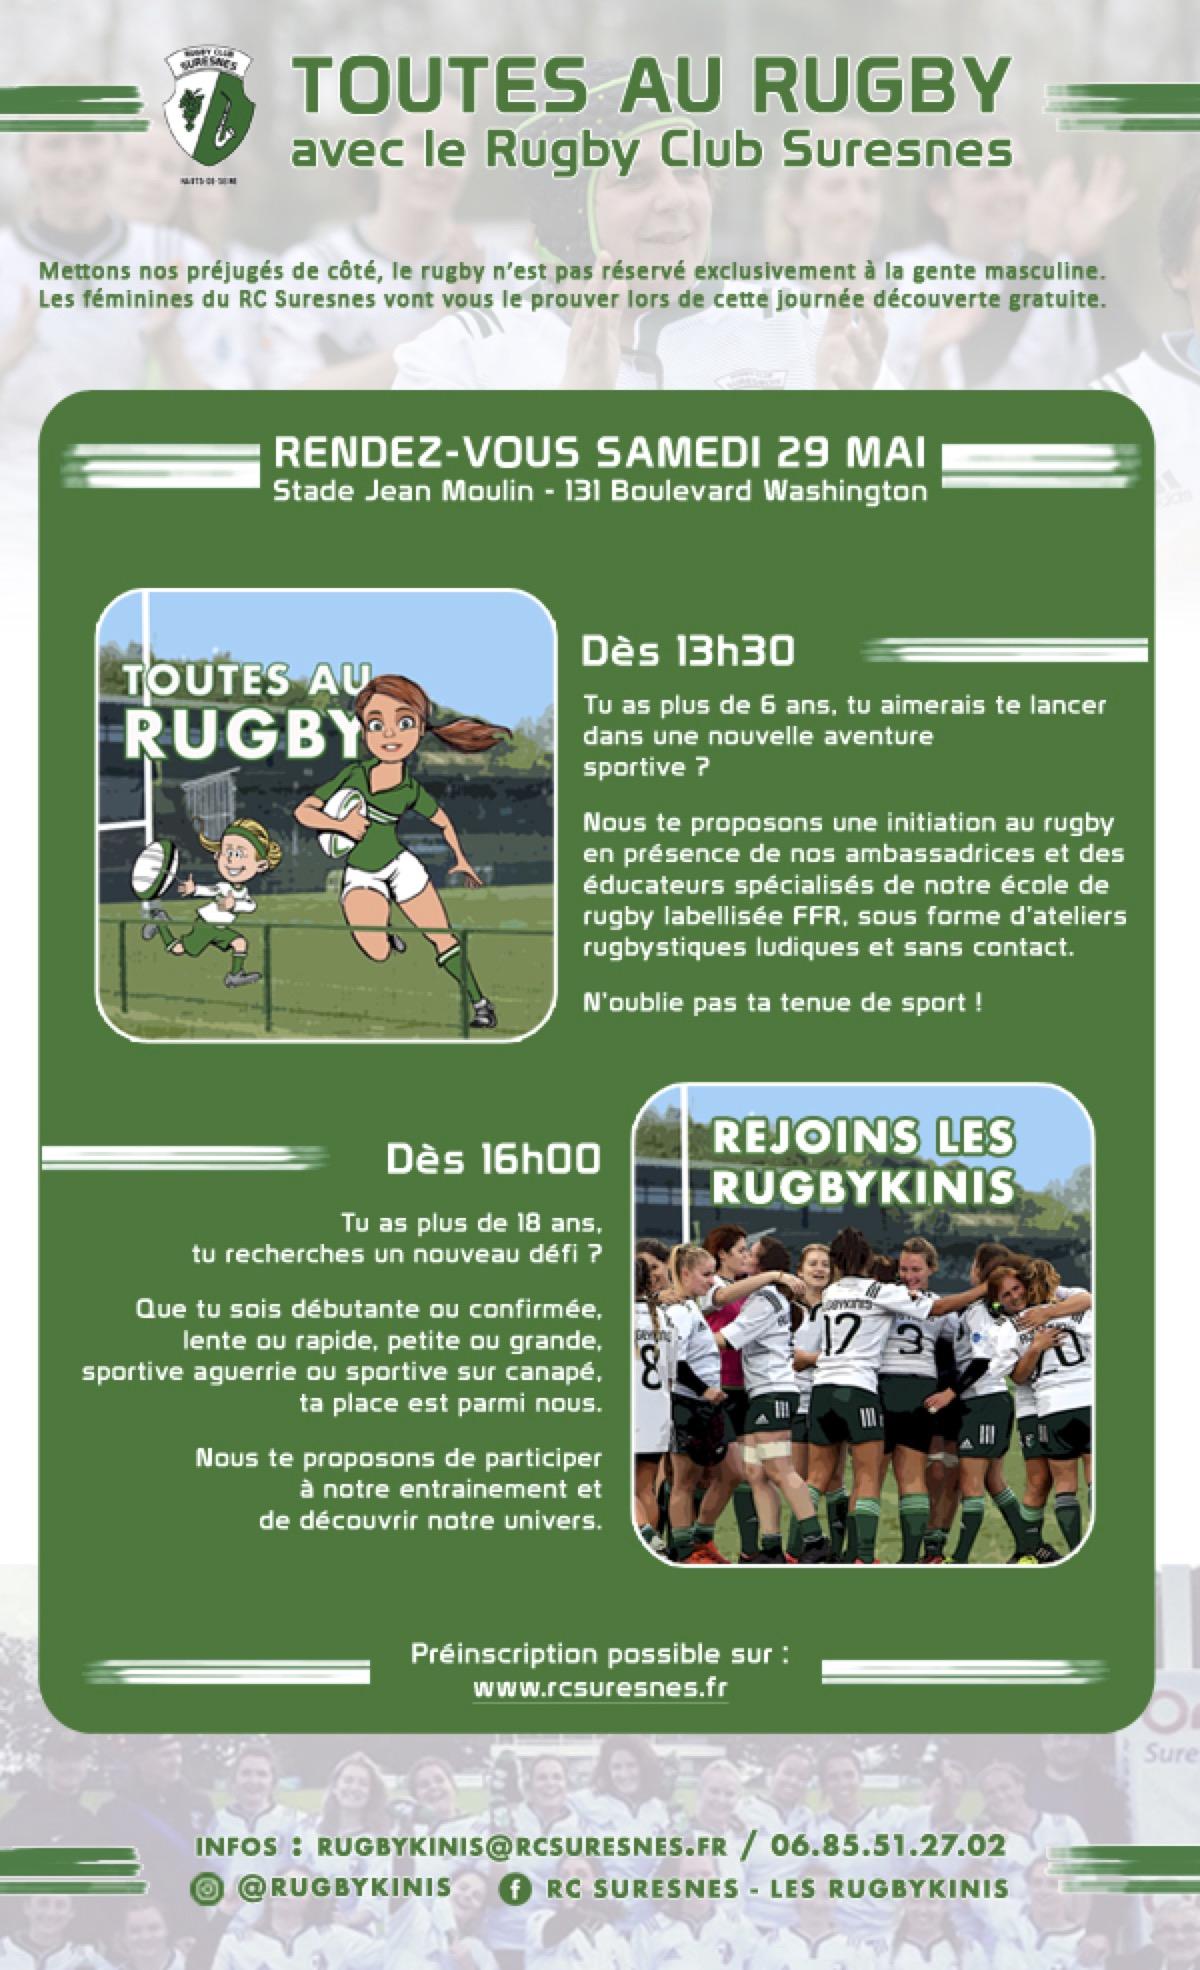 affiche-toutes-au-rugby